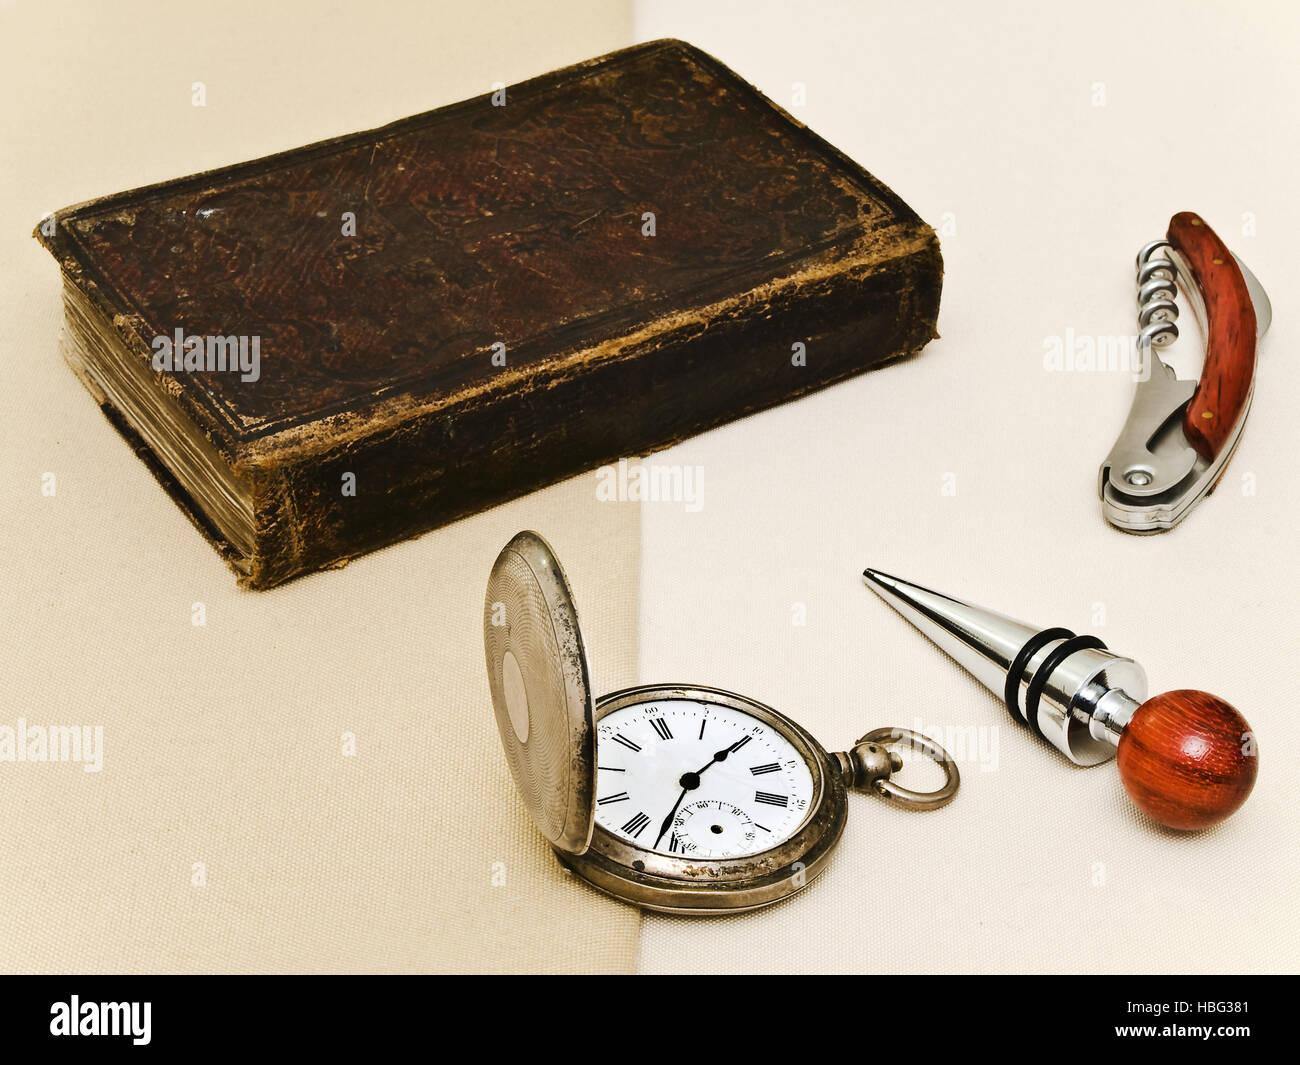 Vieux Livre et montre de poche Photo Stock